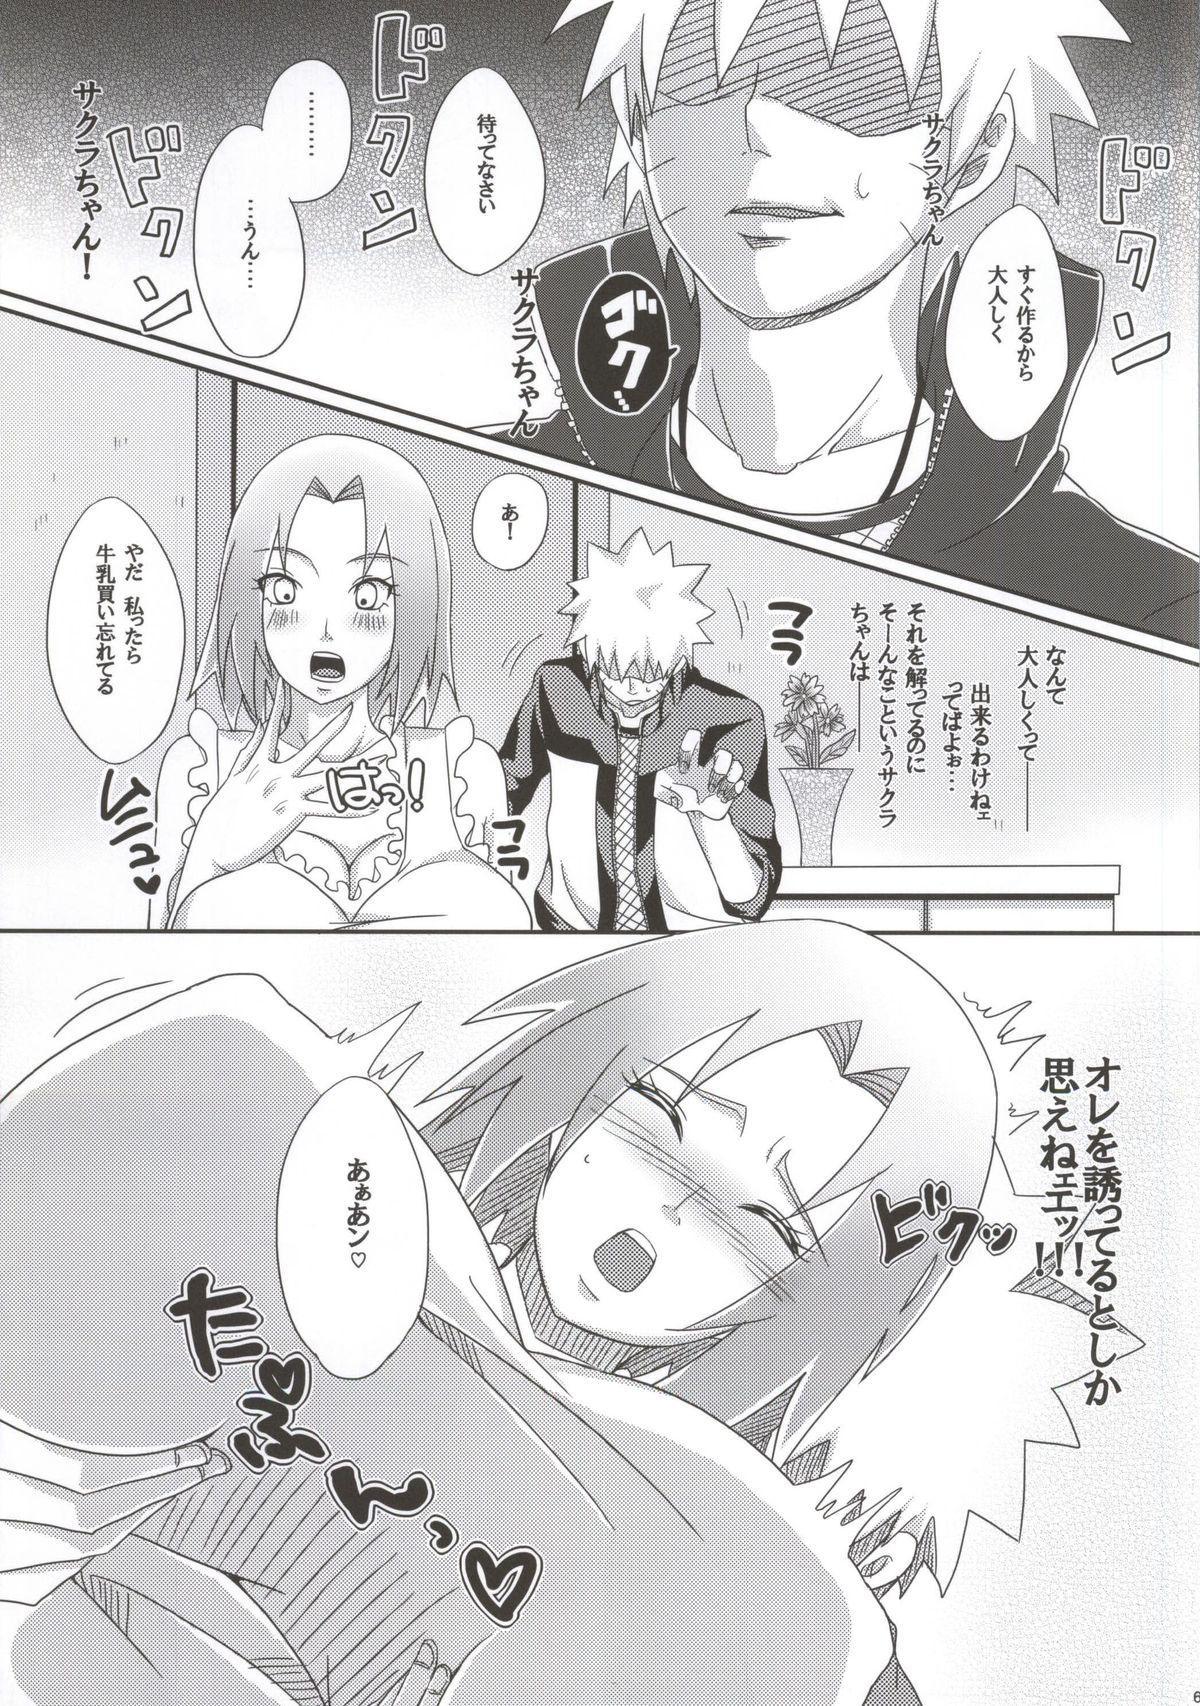 Shinobi no Kokoroe 63